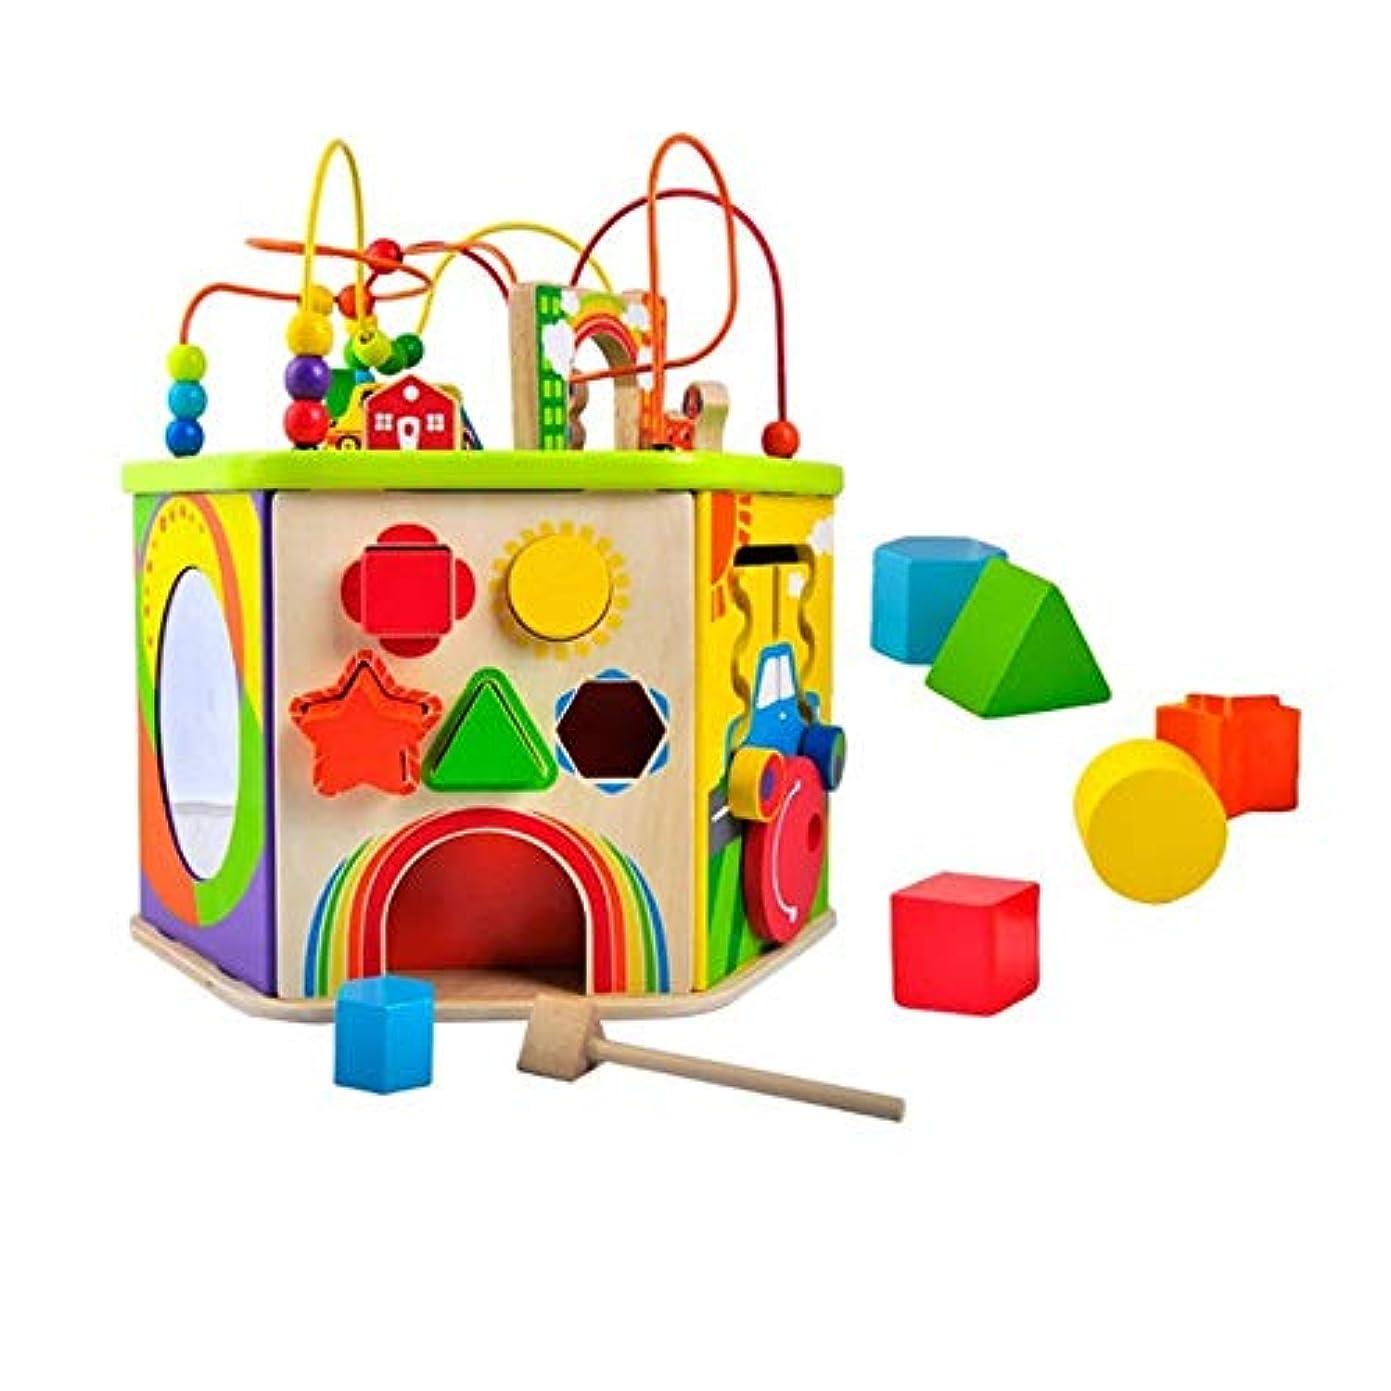 熱逆さまにこれまでビーズコースター ルーピング パズル木のおもちゃ知的玩具赤ちゃんの早期教育六面体教育玩具、1-12男の子と女の子のためのギフトをビーズ 知育 アクティビティキューブ 子ども 知育玩具 (色 : マルチカラー, サイズ : 38x41x43cm)